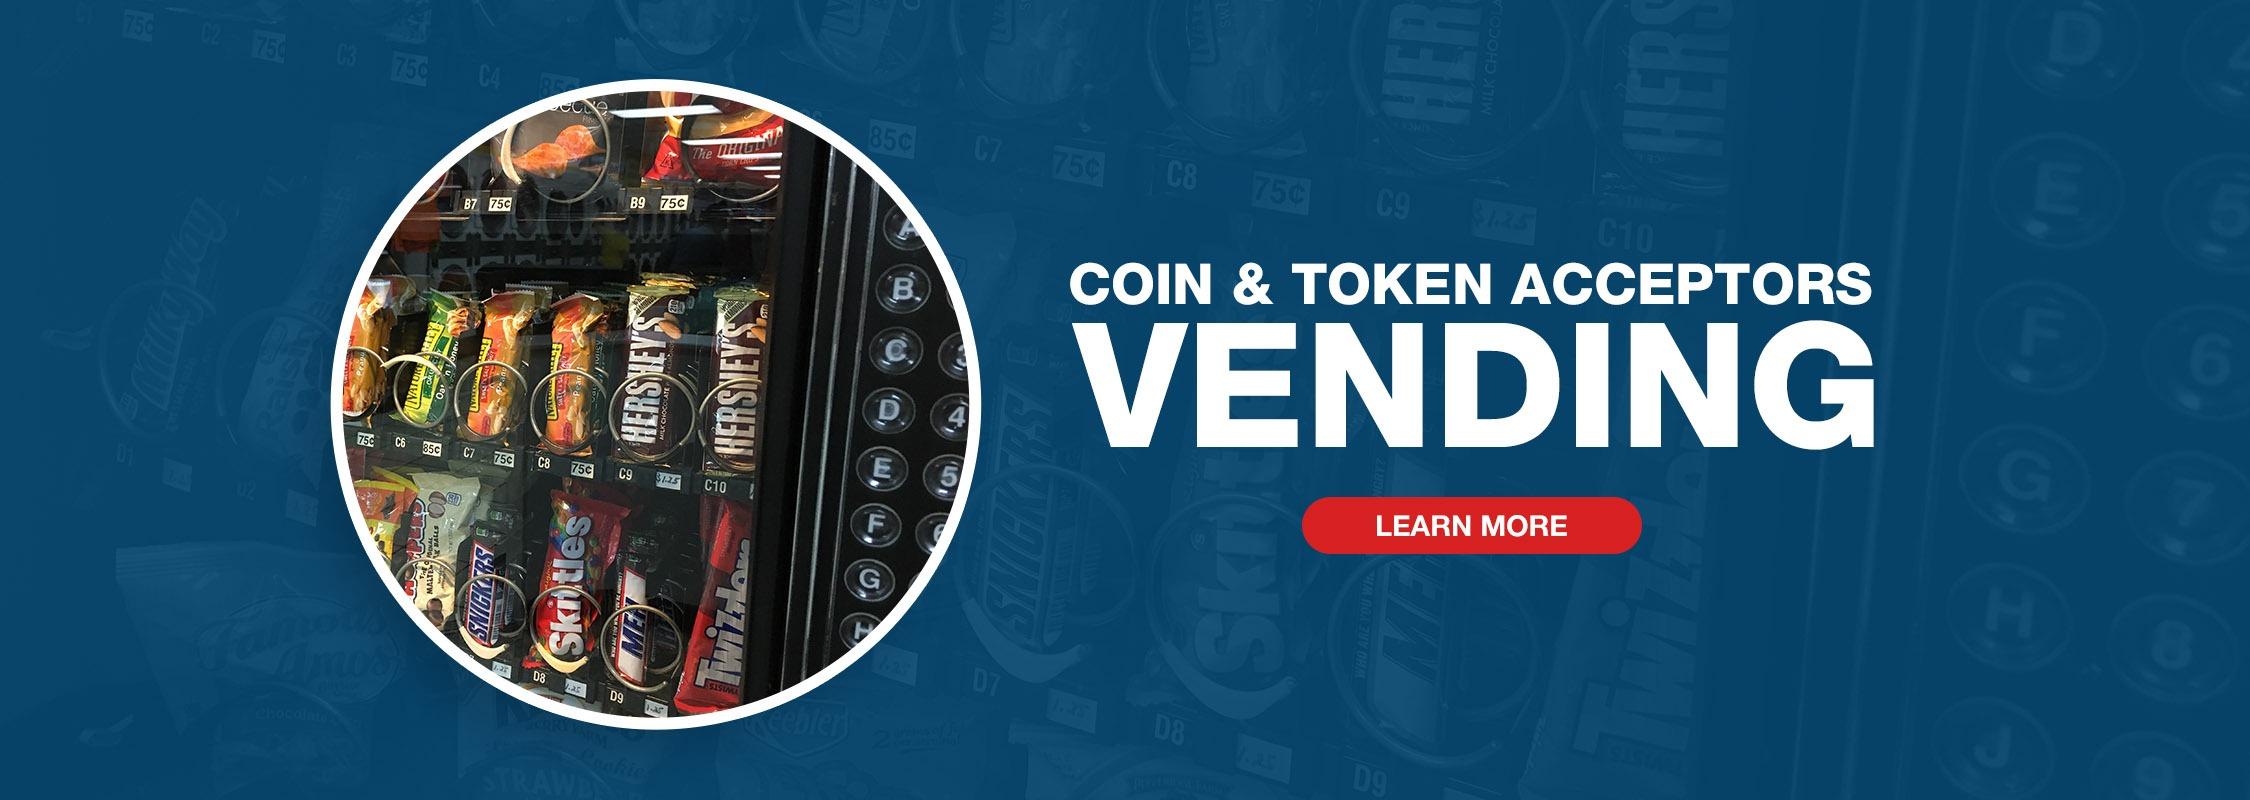 Imonex Coin & Token Acceptors - Vending Image